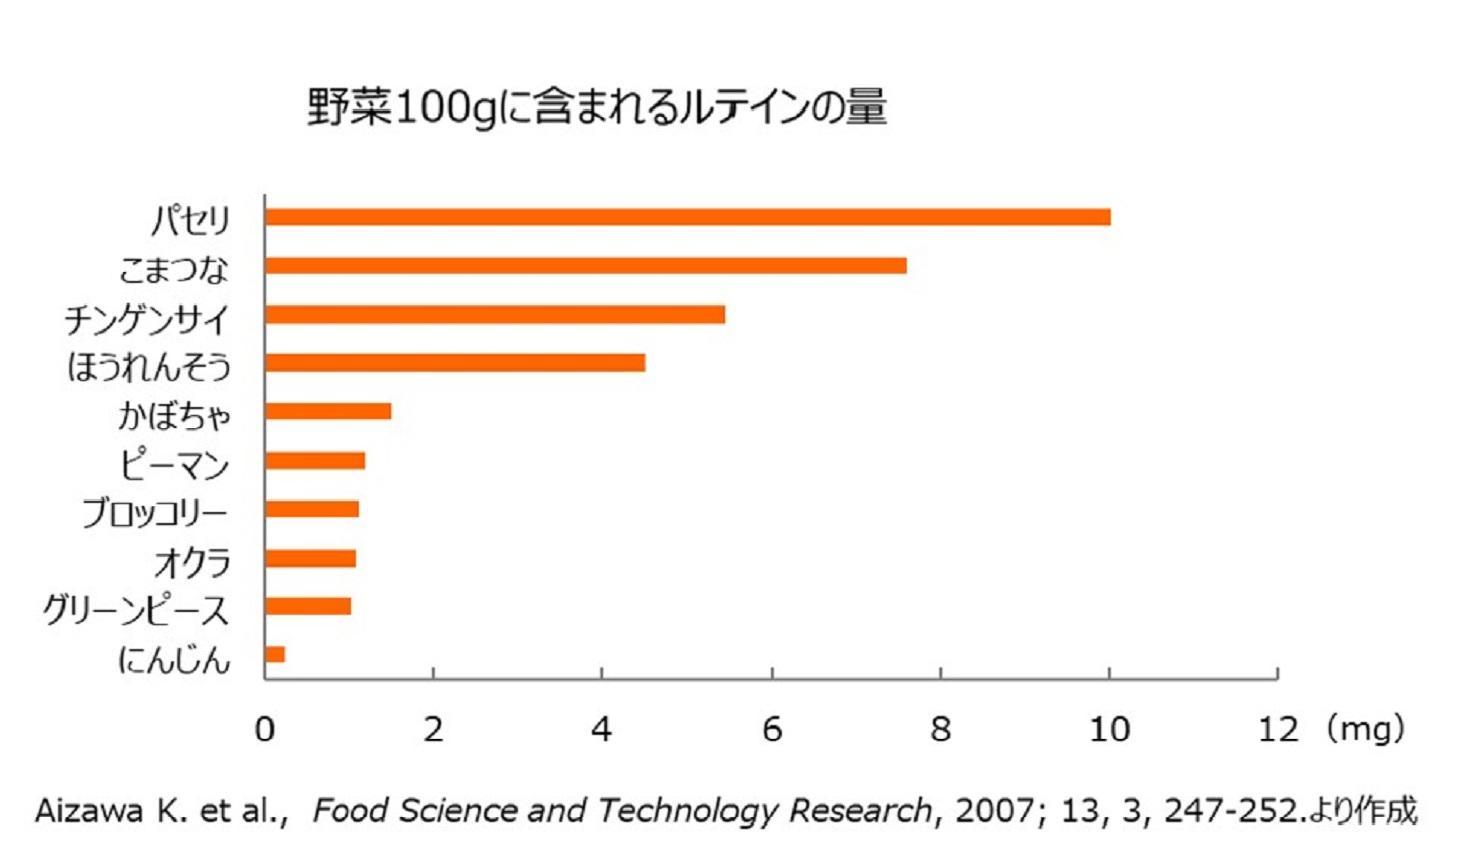 野菜100gに含まれるルテインの量の棒グラフ